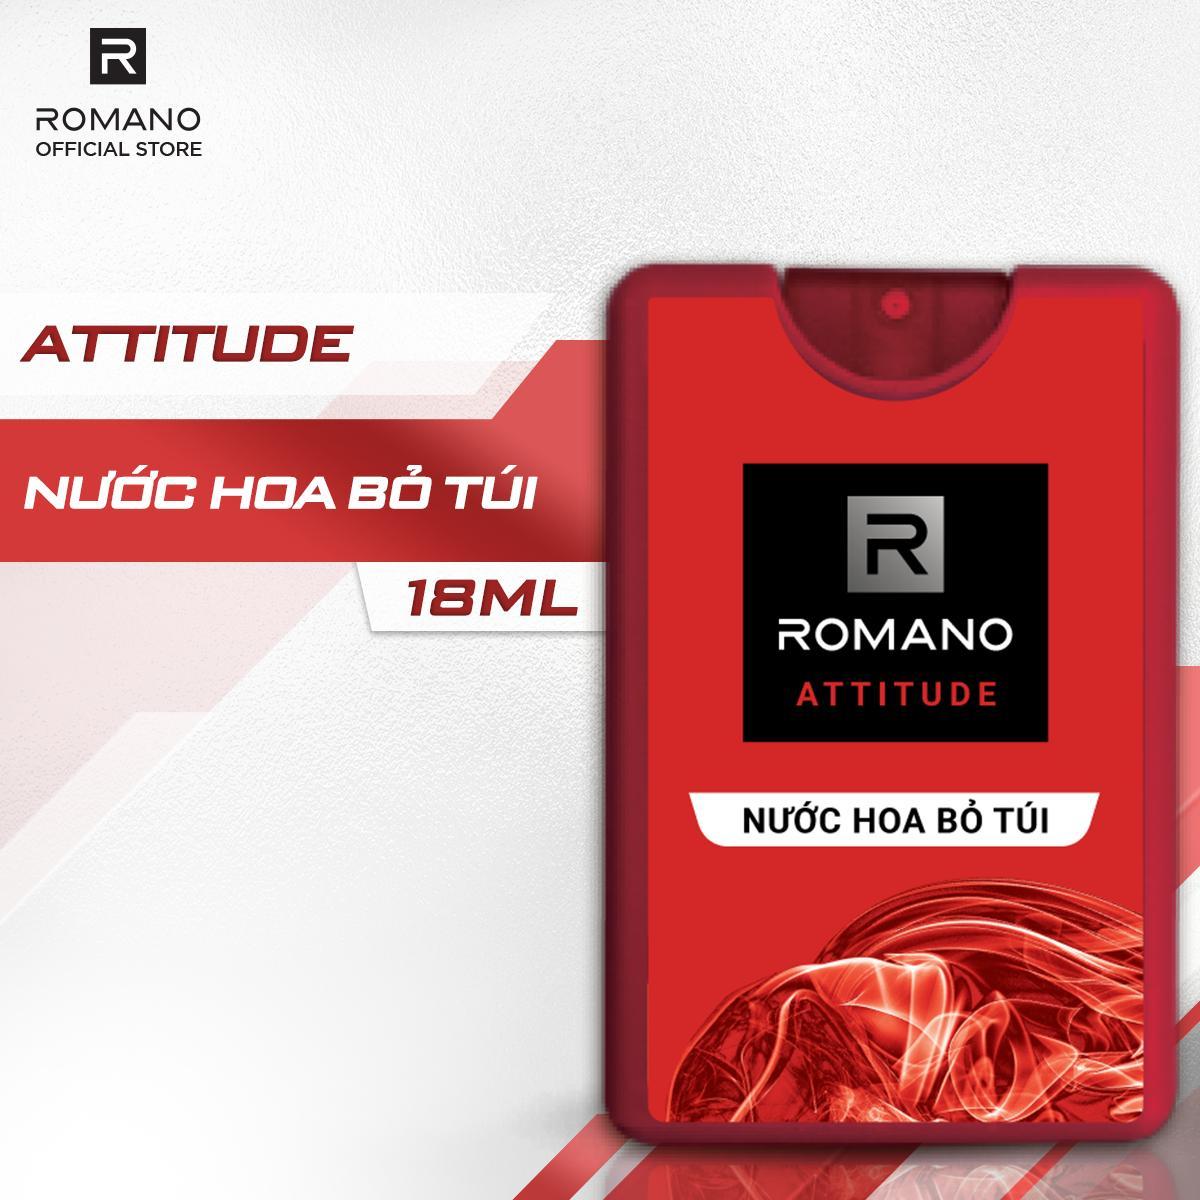 Nước hoa bỏ túi Romano Attitude nồng ấm quyến rũ 18ml